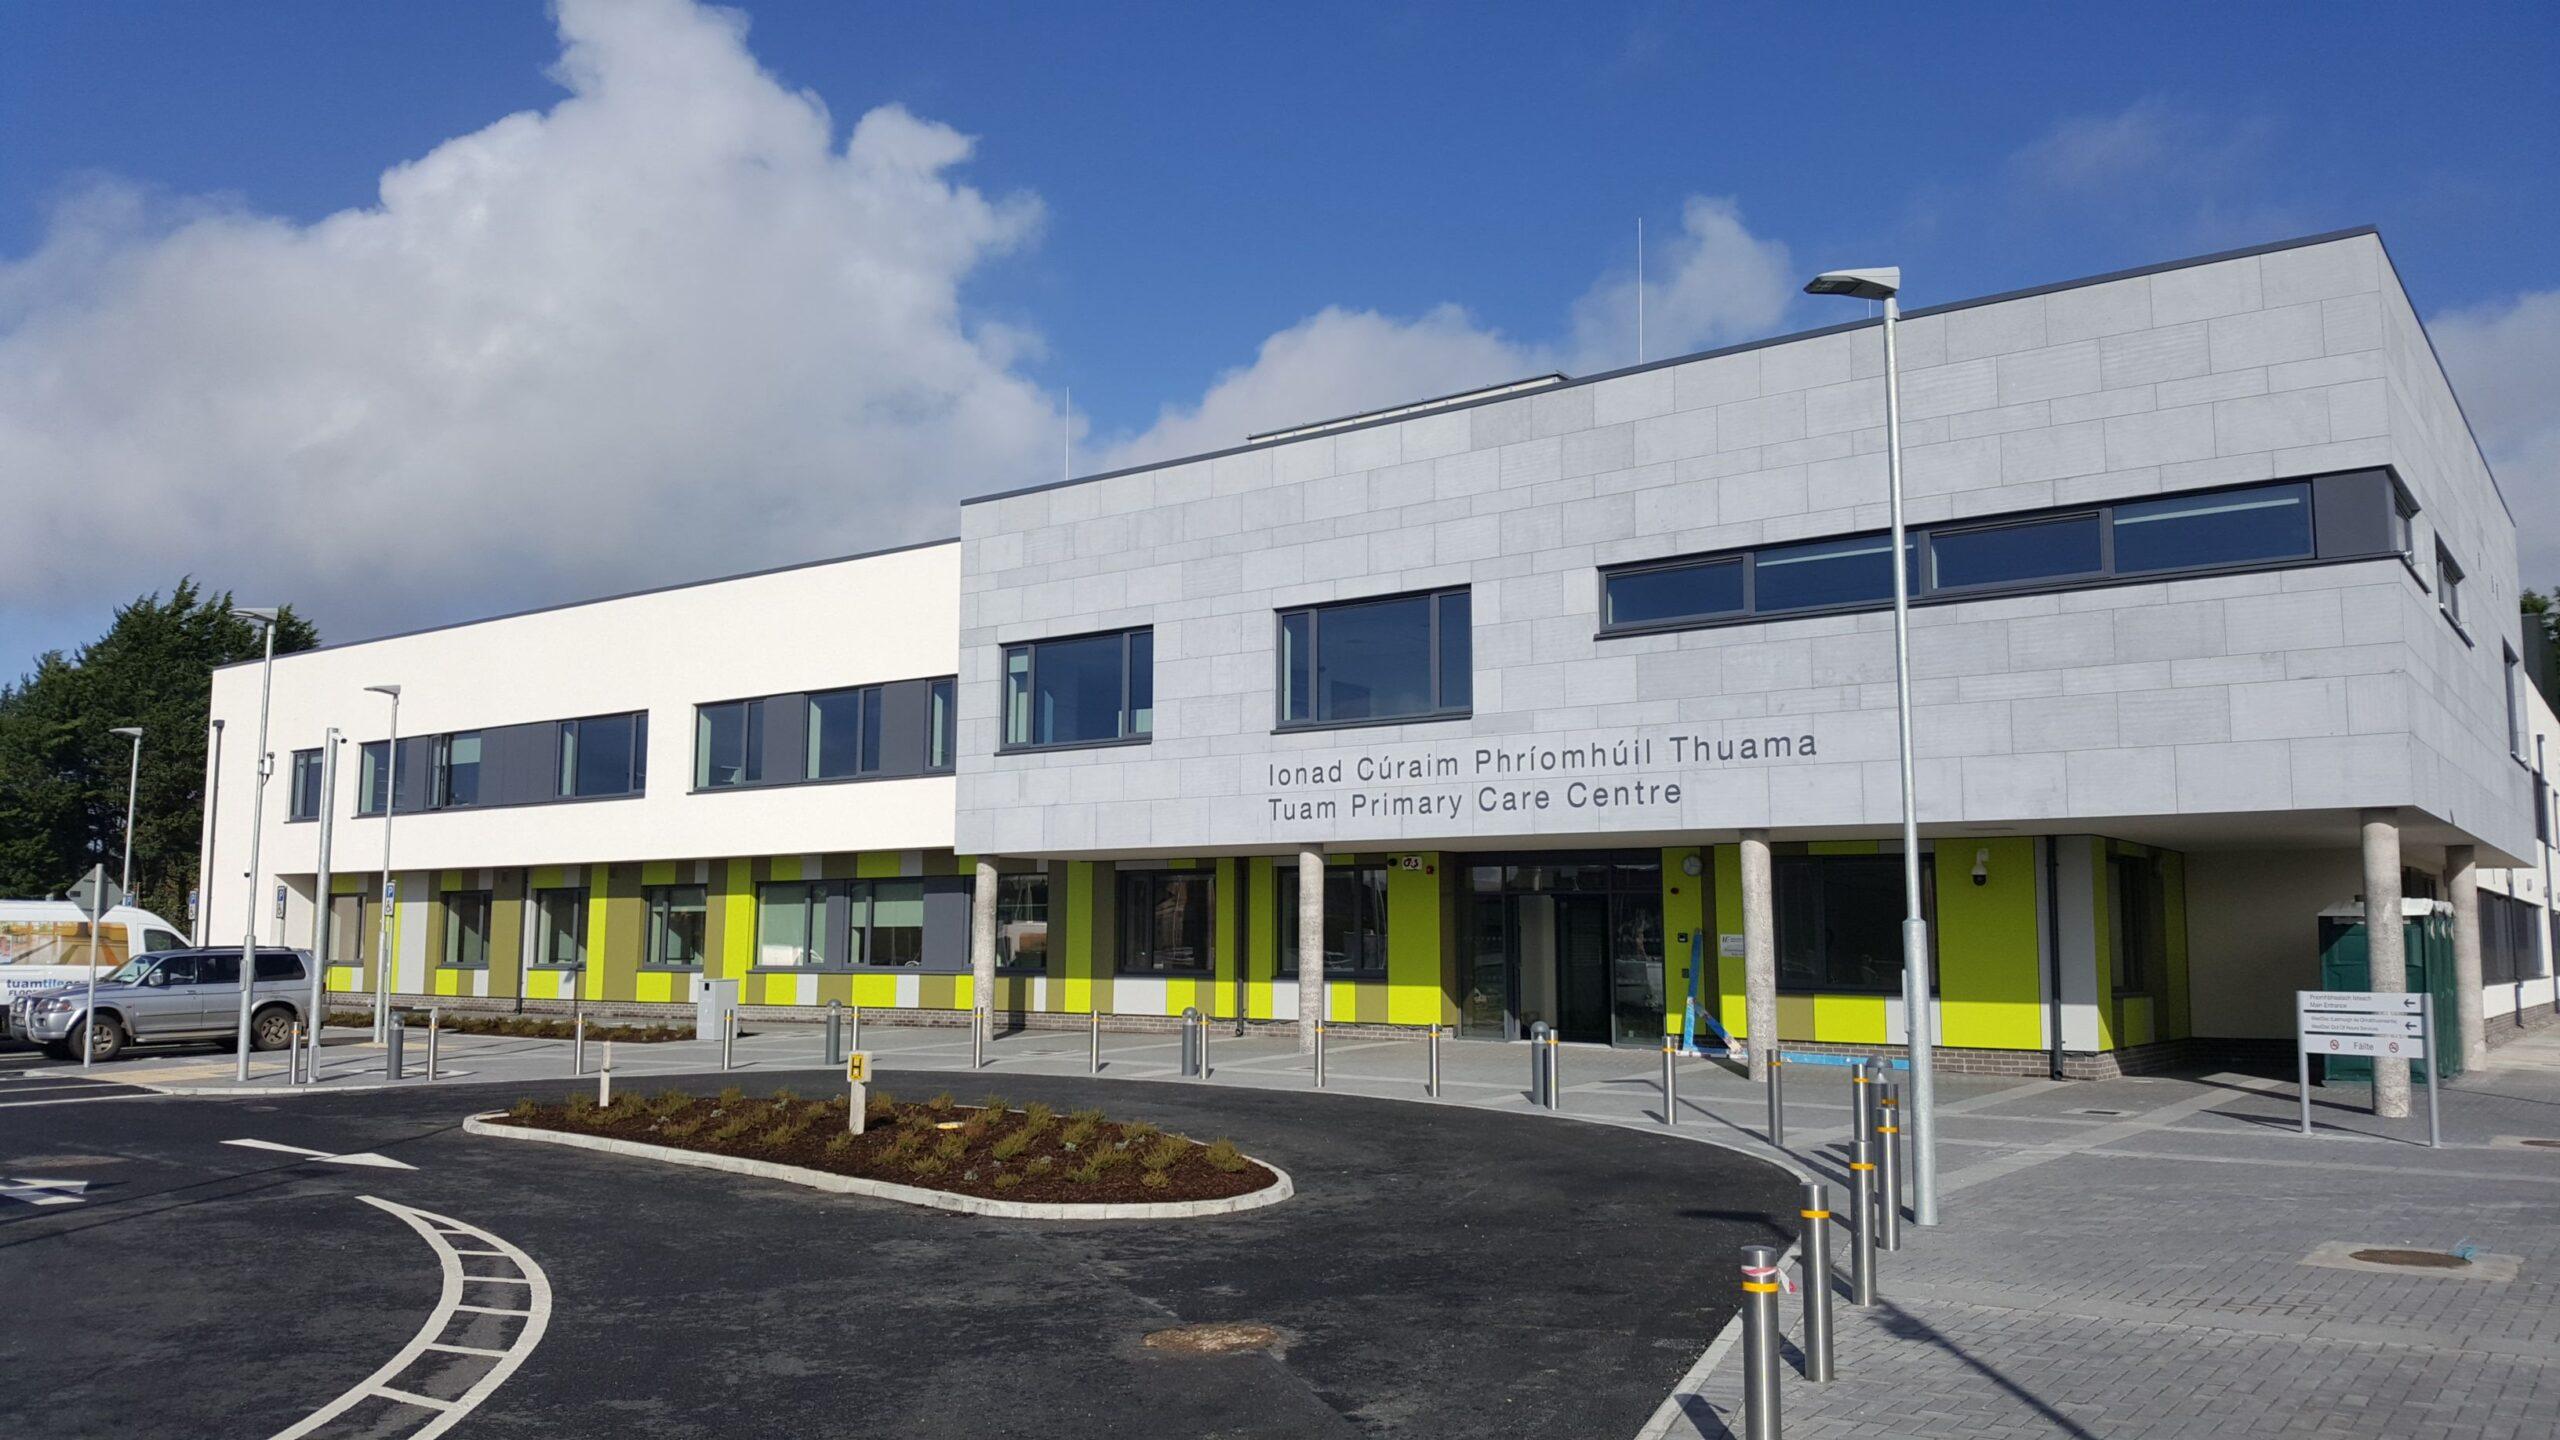 Tuam Primary Care Centre, Tuam, Co. Galway gallery